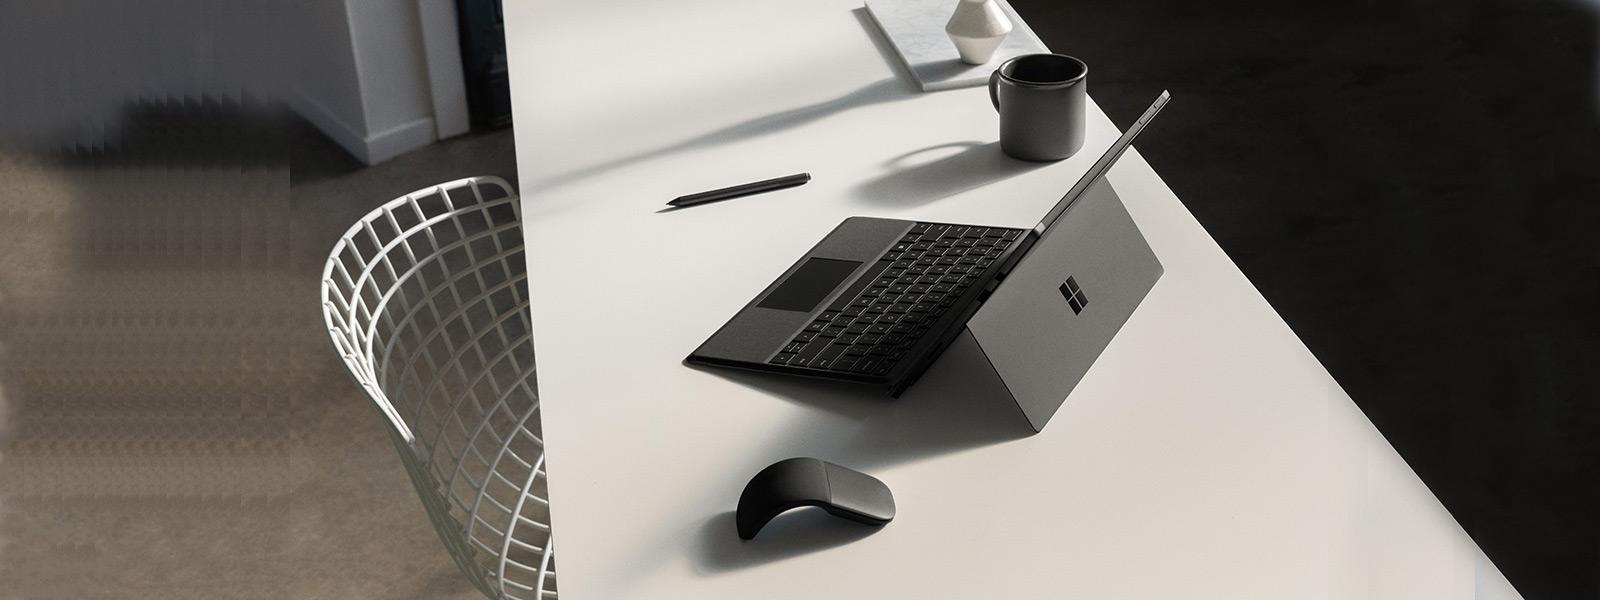 Surface Pro 6 im Laptop-Modus mit Surface Pro Type Cover, Surface Pen und Surface Arc Mouse auf einem Schreibtisch